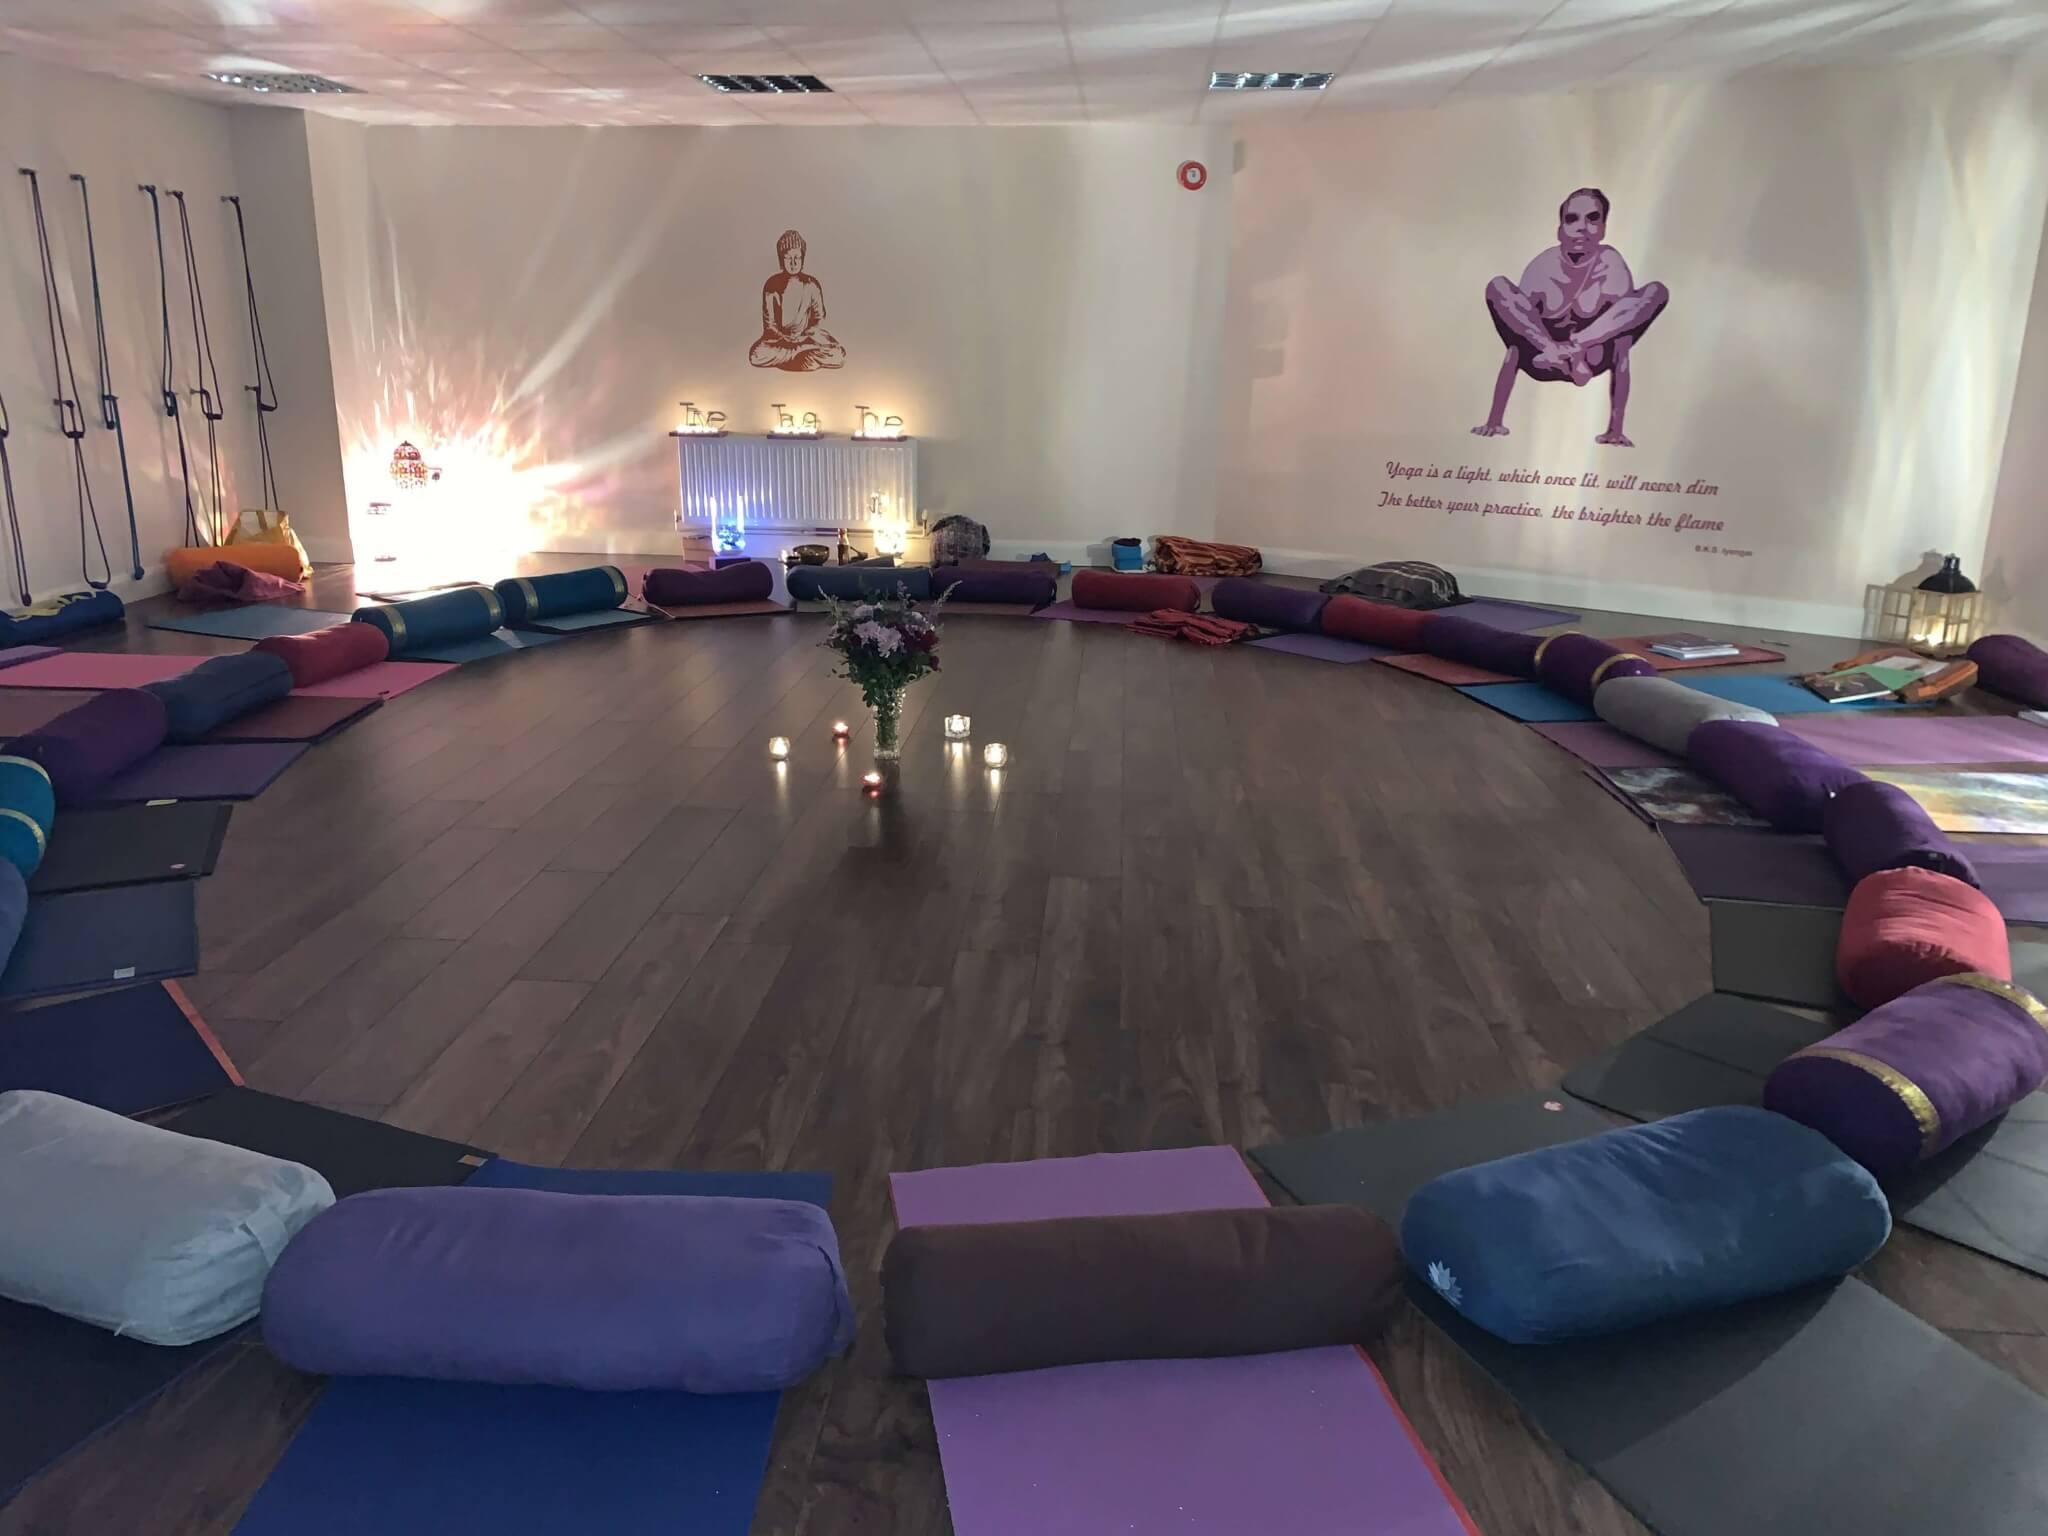 Esterillas y cojines dispuestos en círculo preparados para dar una clase de yoga en una sala del Reino Unido